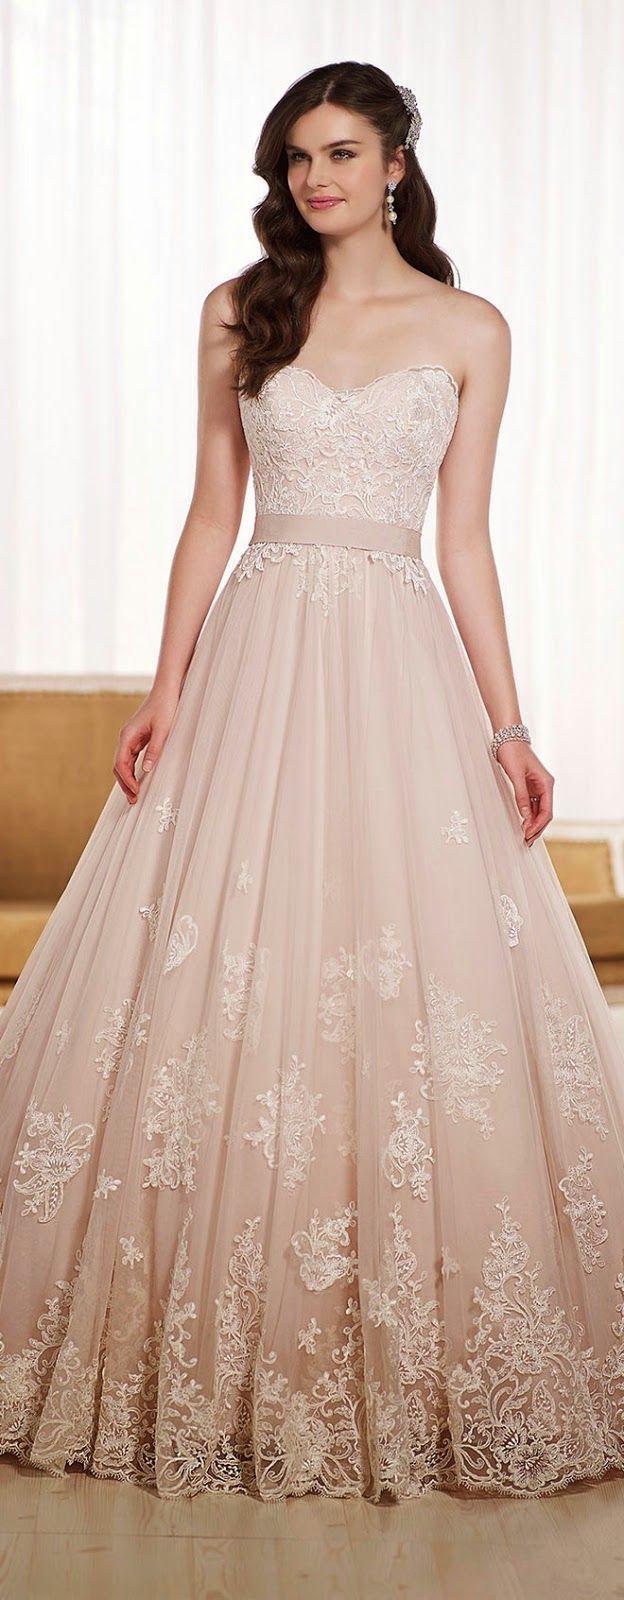 hochzeitskleider mieten 13 besten  Hochzeitskleid, Braut, Kleider